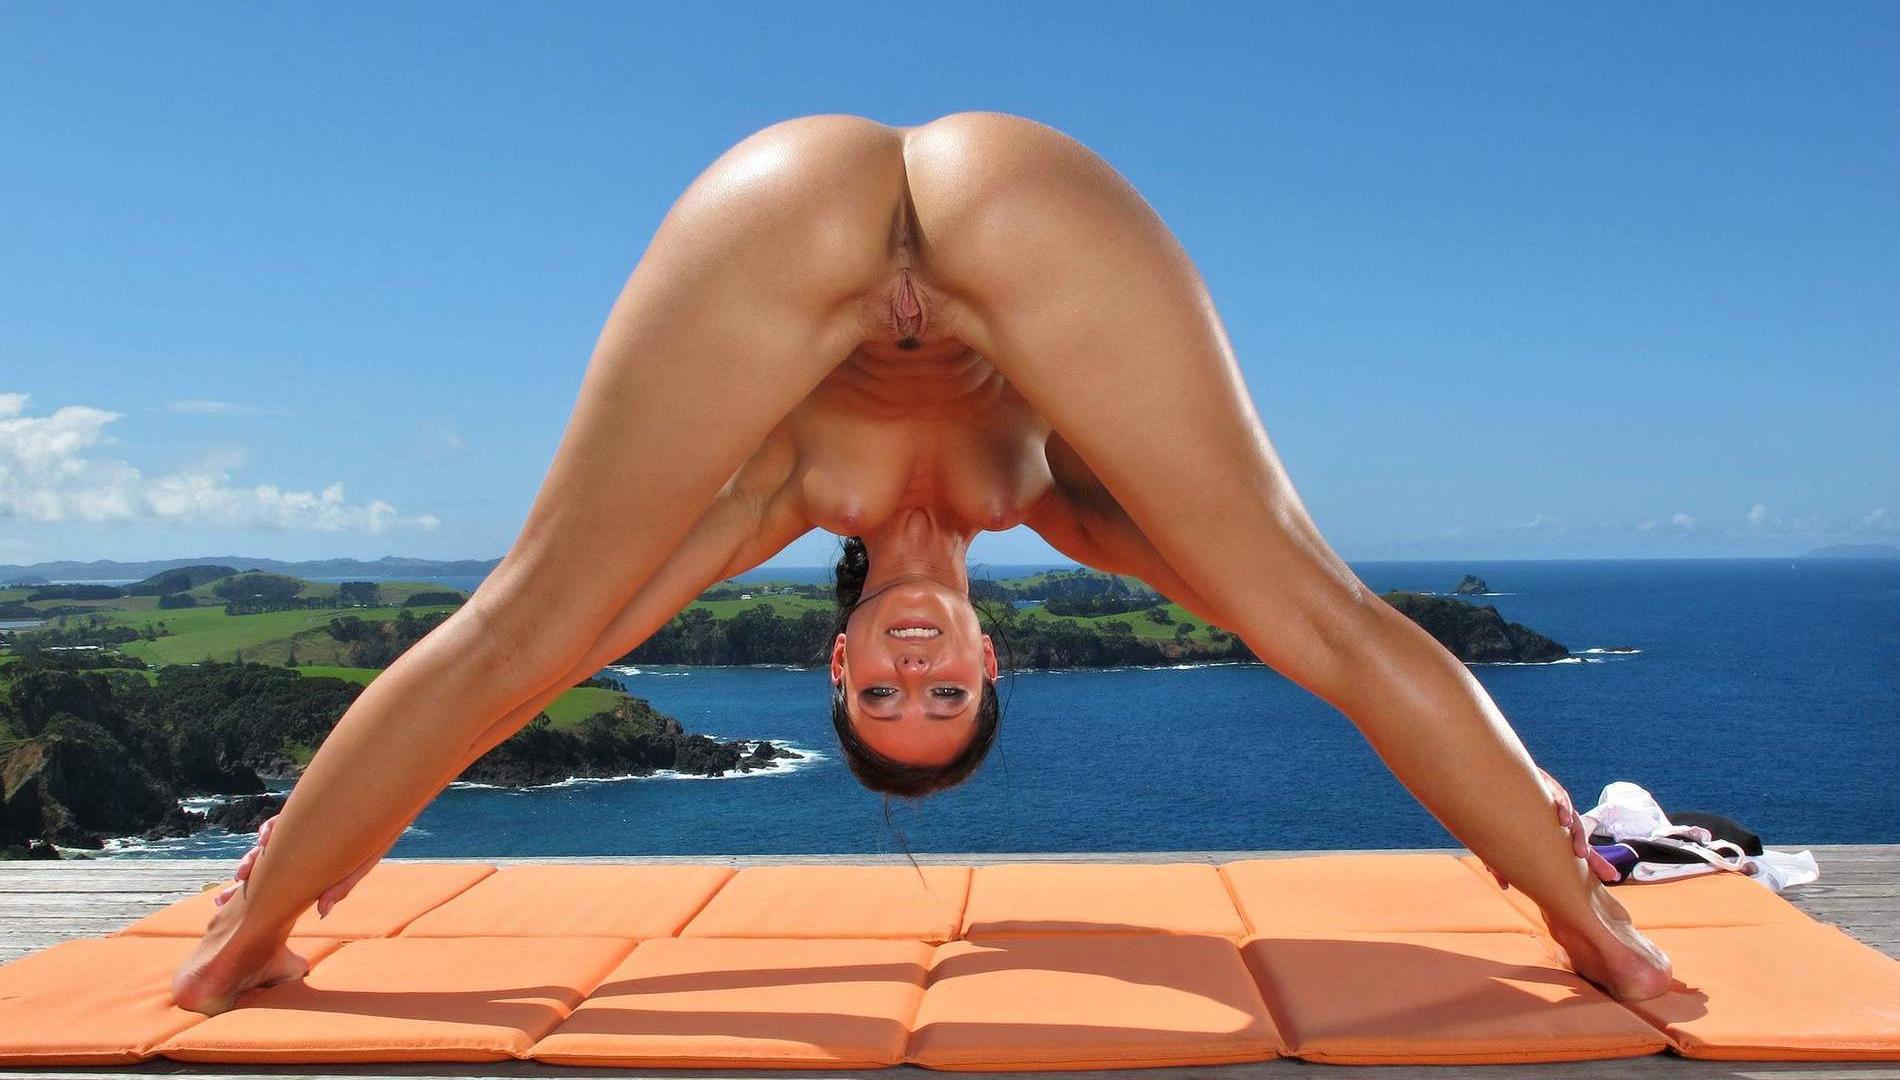 Download photo 1920x1080, lexa, brunette, nude, naked, yoga, melisa ...: ftop.ru/32440/1920_1080